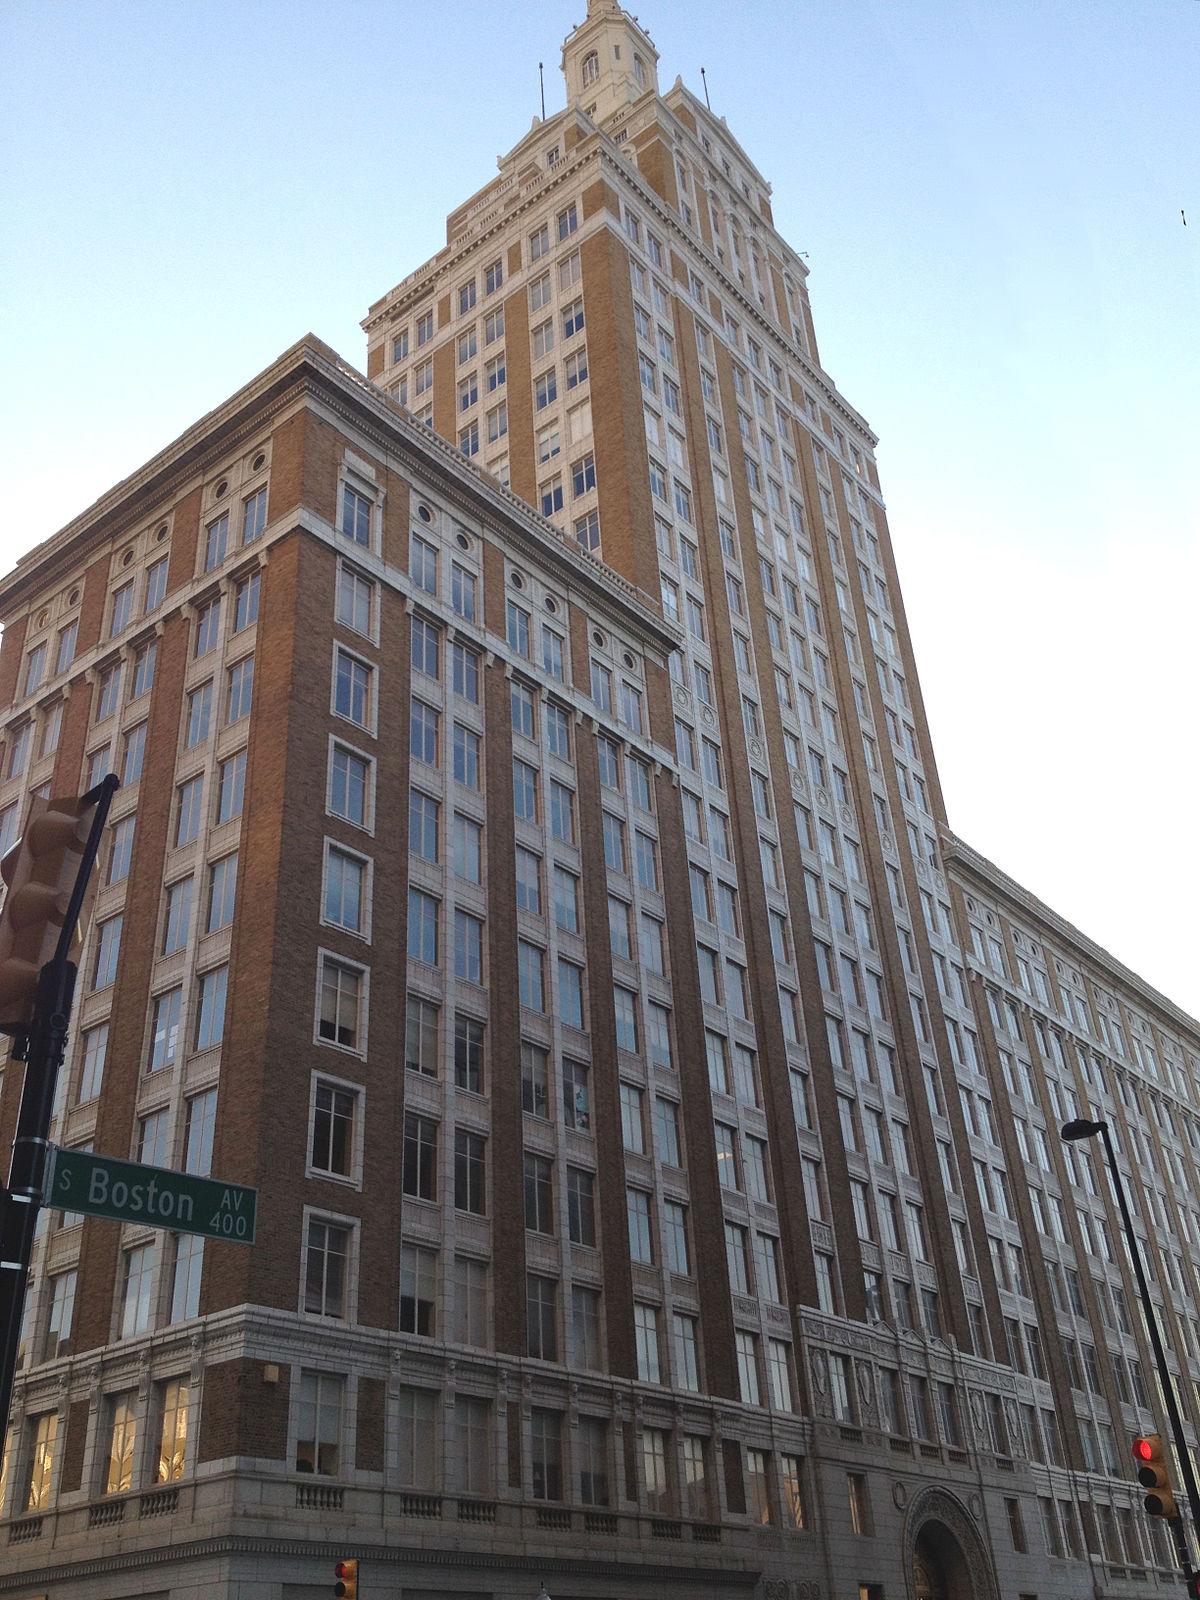 320 South Boston Building - Wikipedia